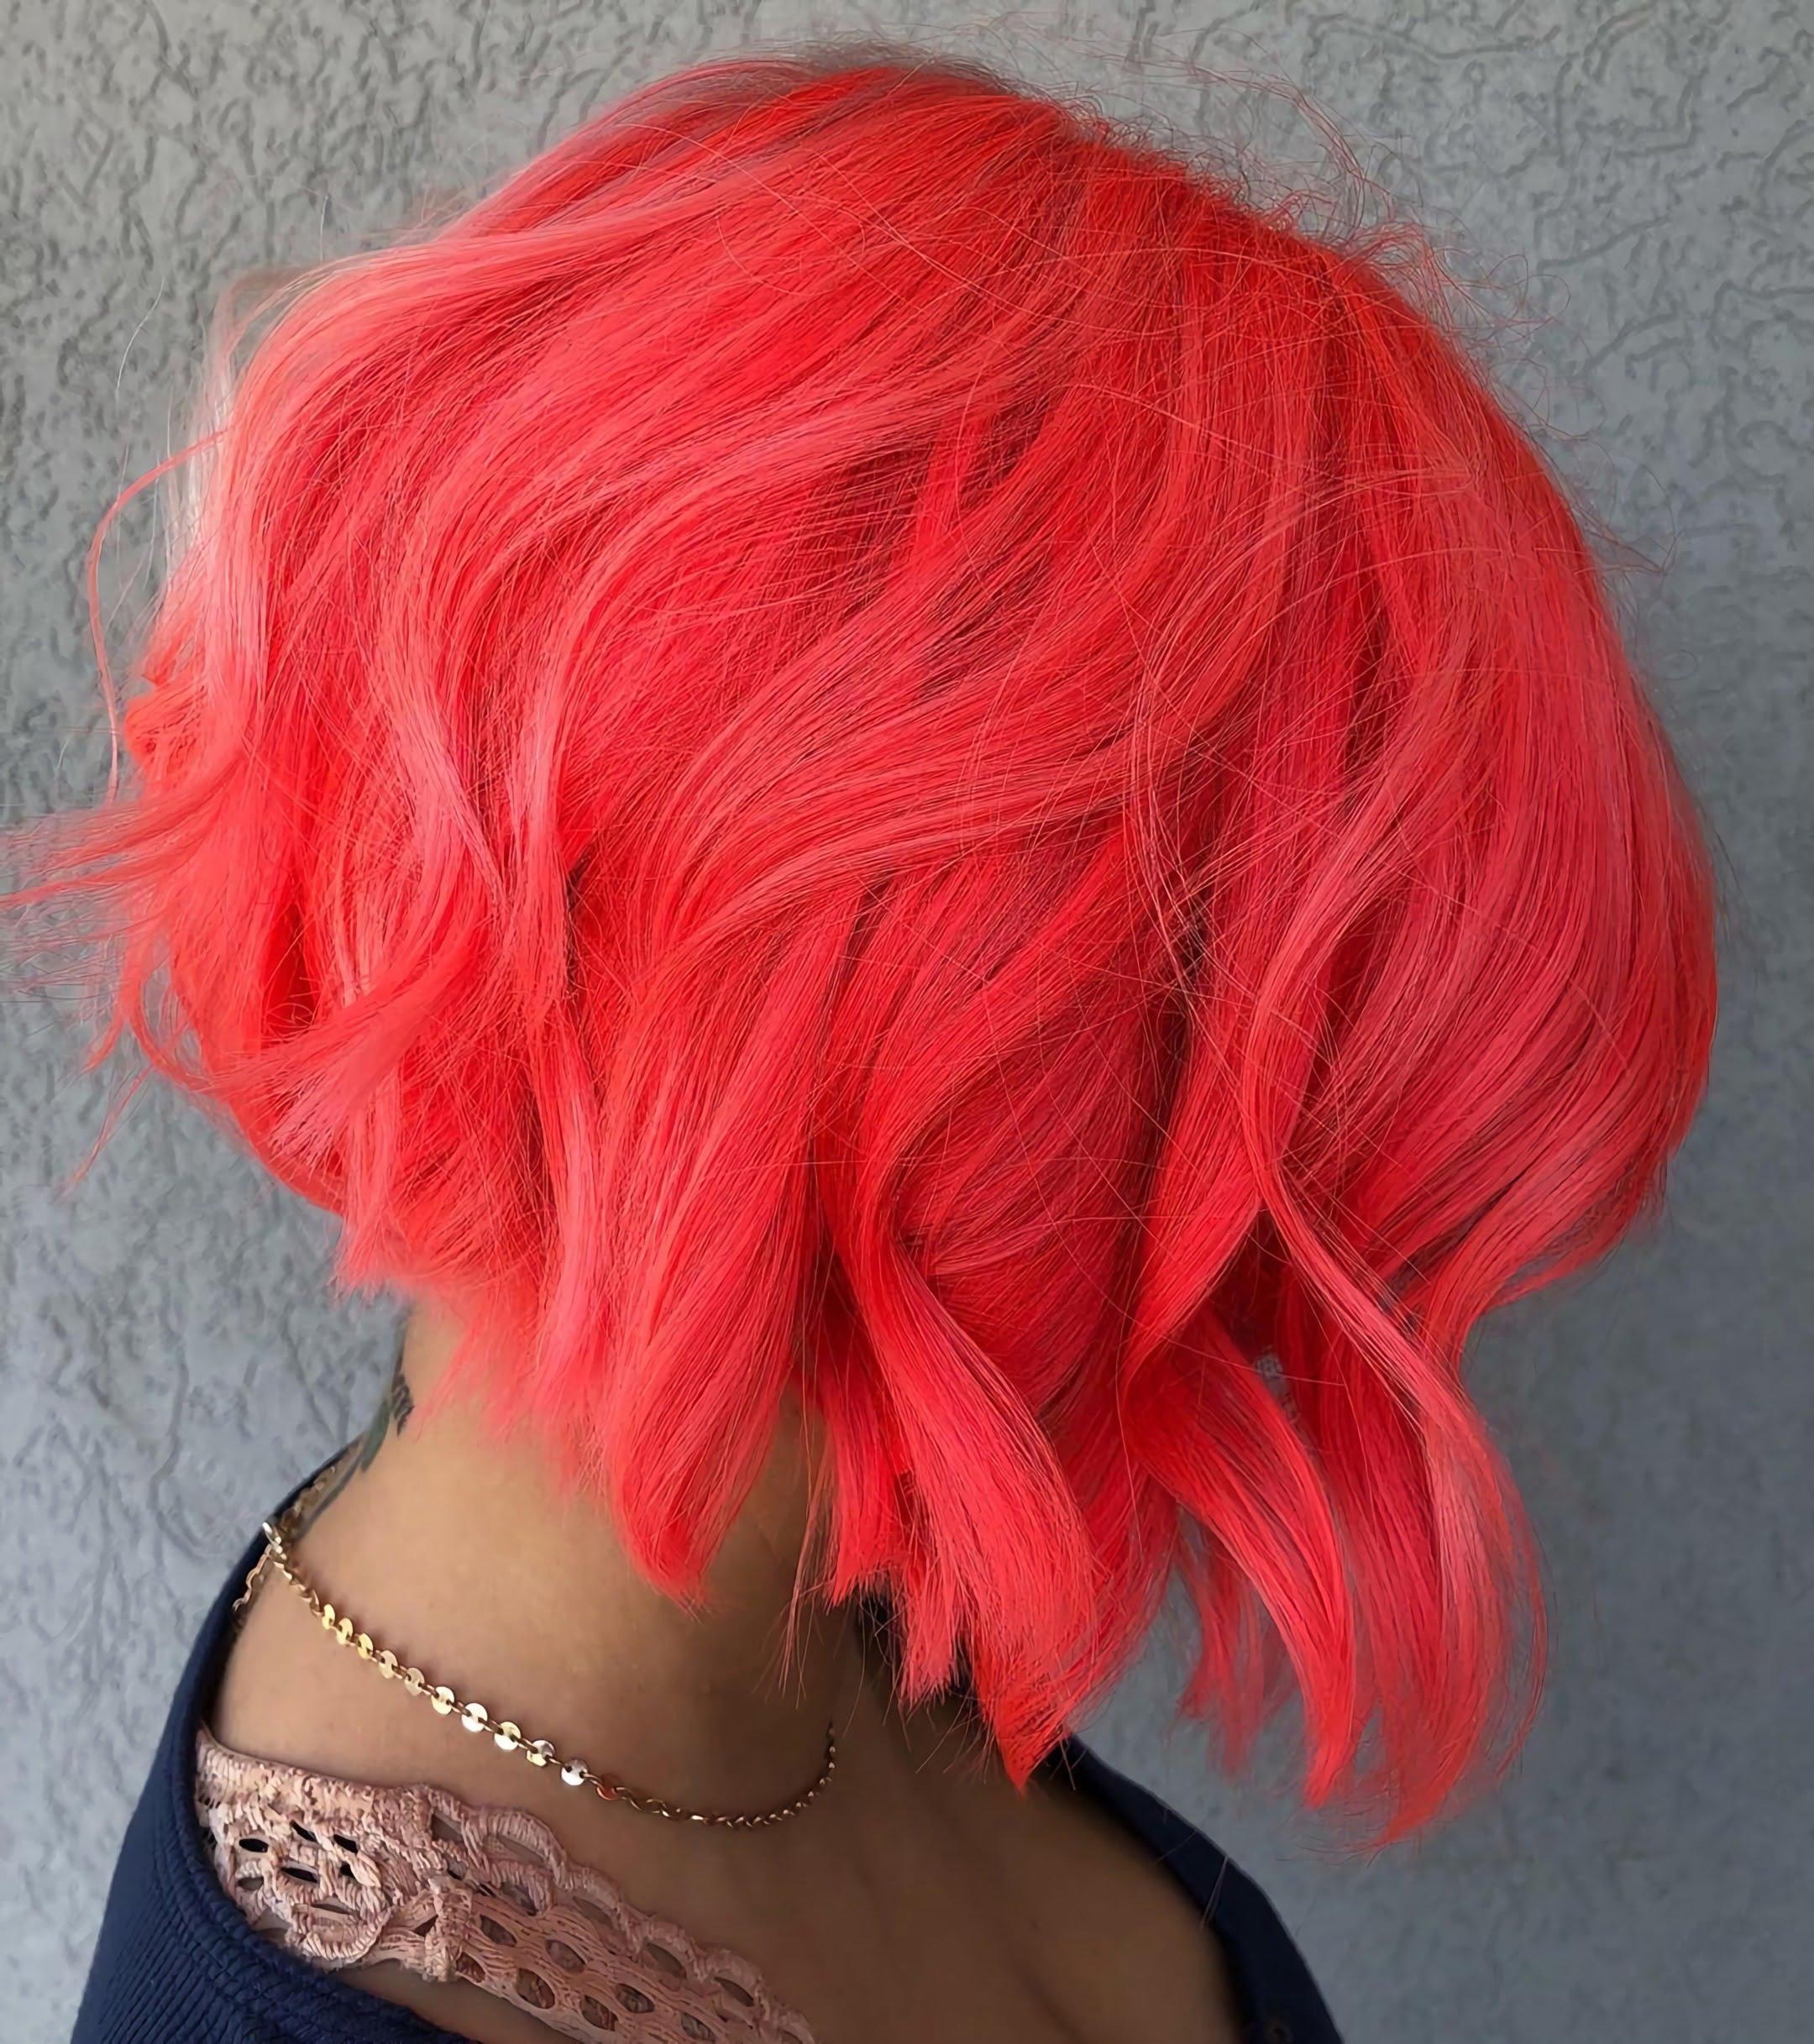 модные неоновые волосы красного цвета средней длины